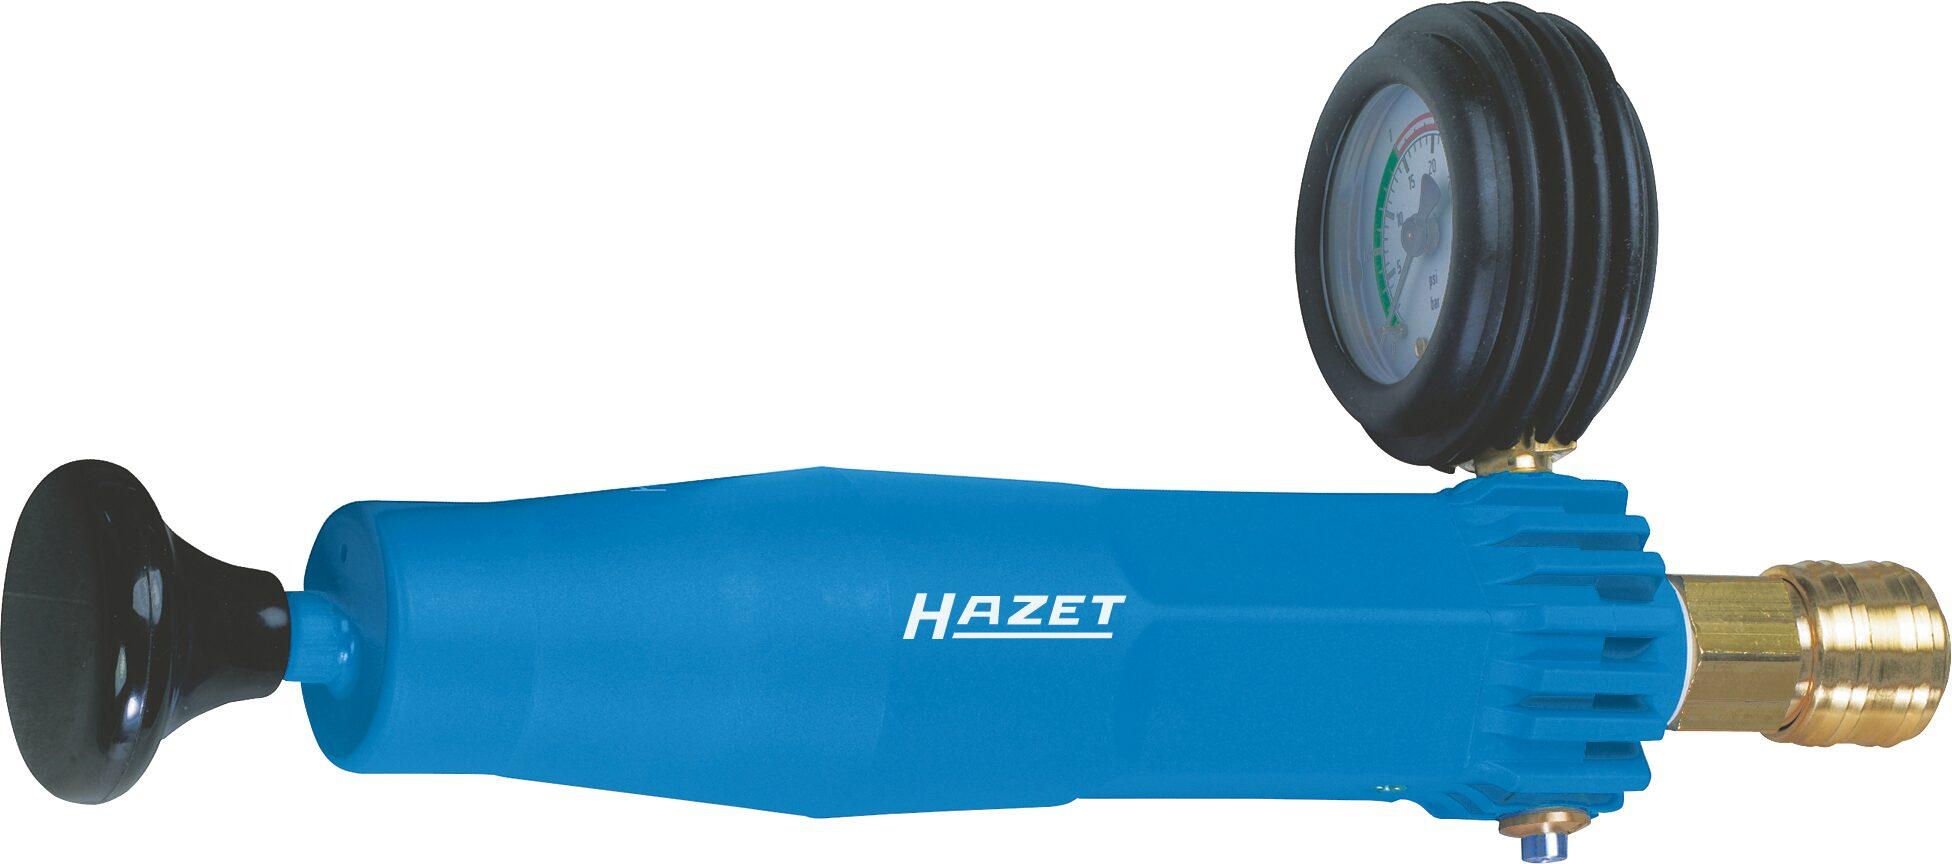 HAZET Kühlerpumpe 4800-1